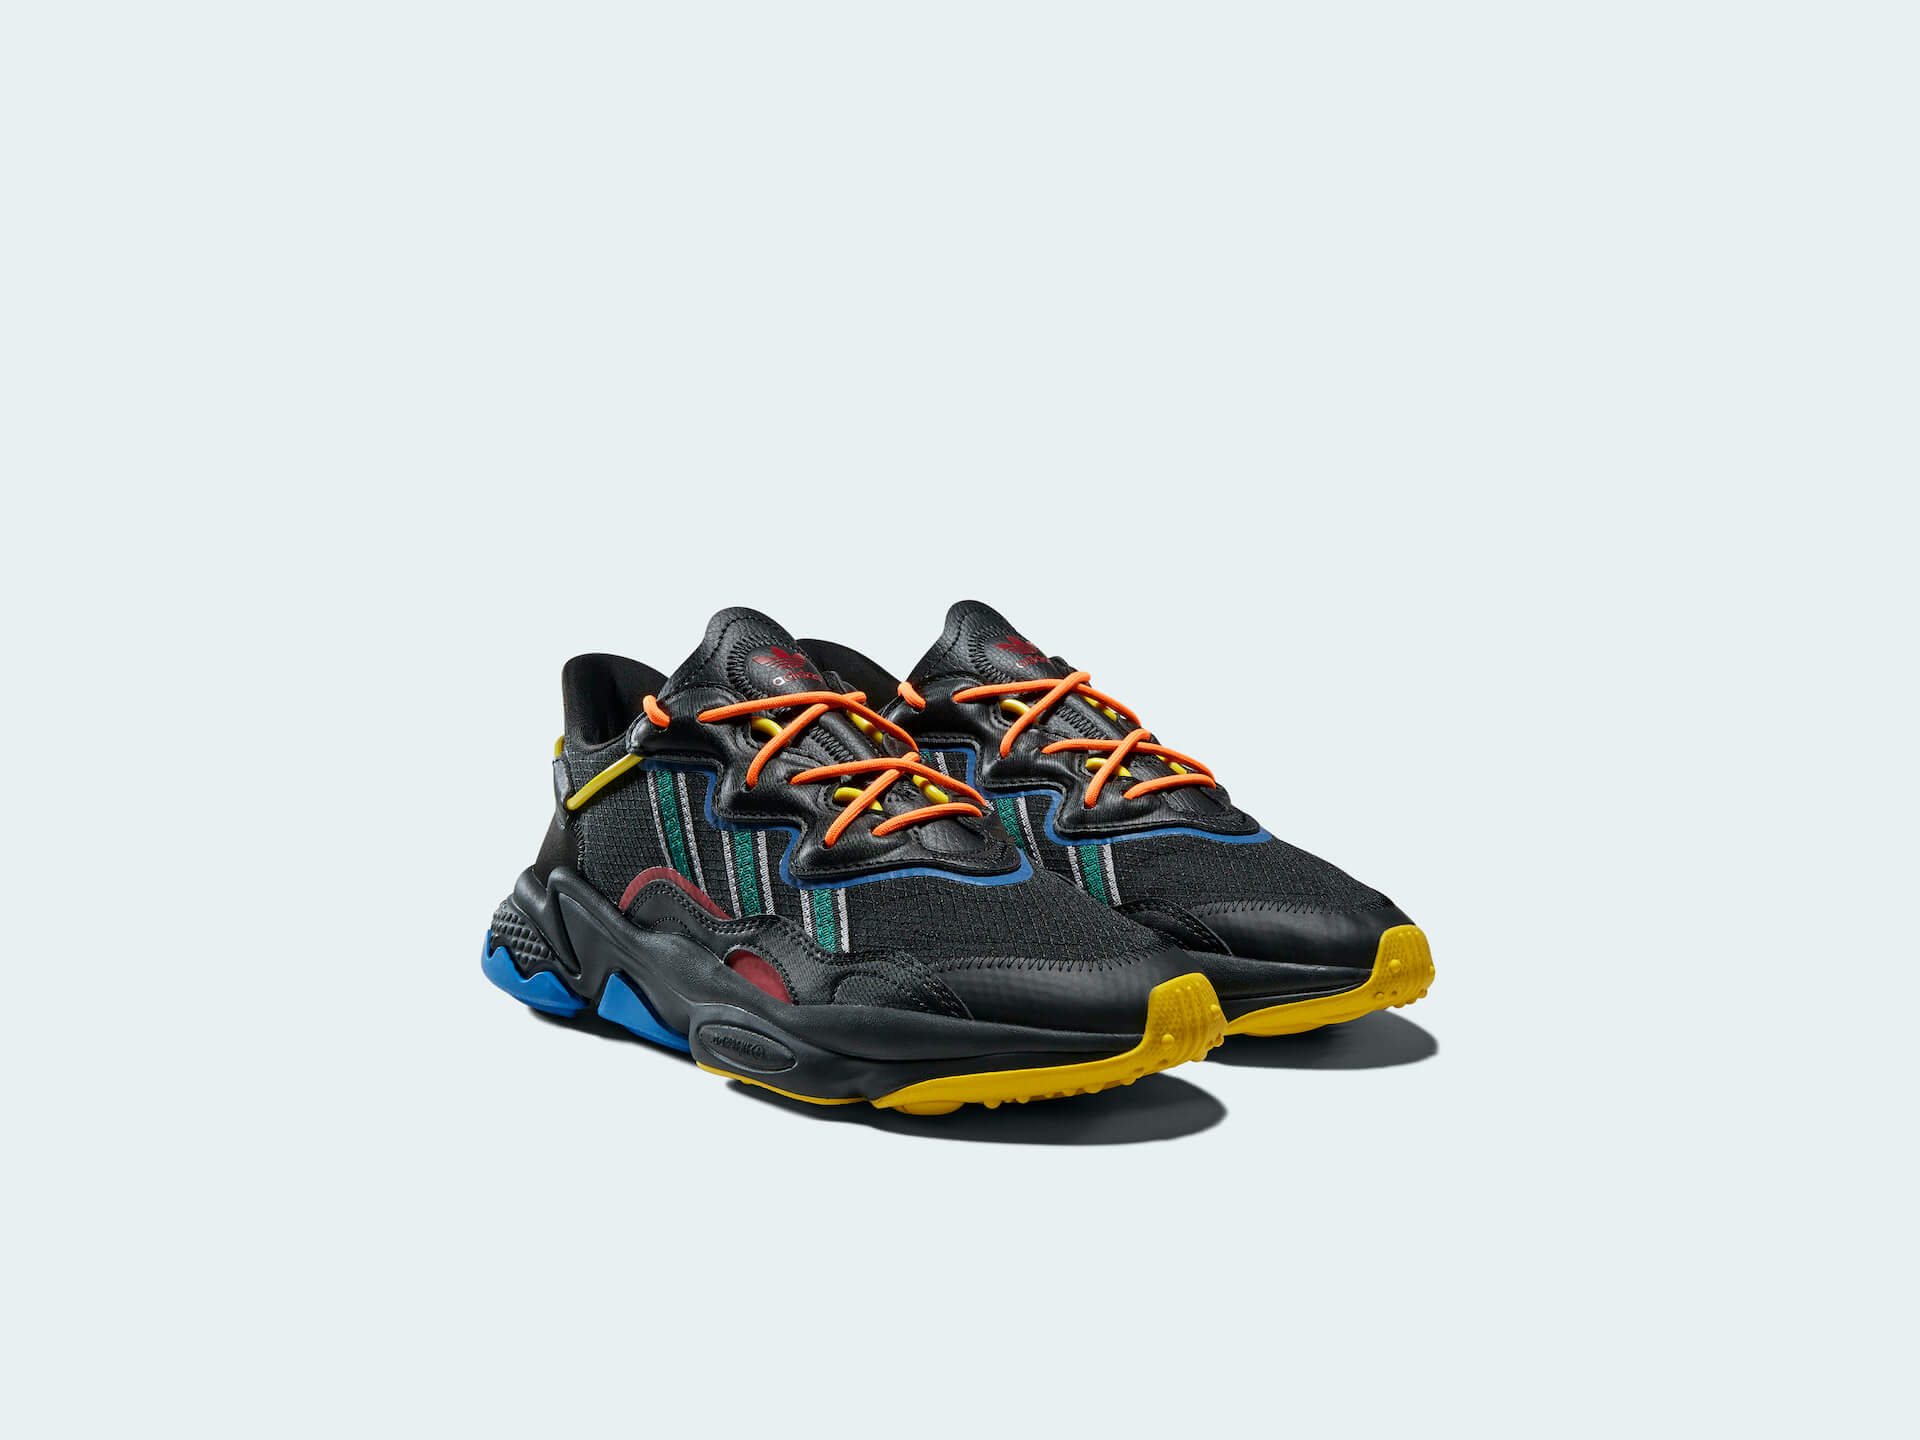 adidas Originals × Angel Chenのカプセルコレクションが登場!水泳や書道からインスパイアされたフットウェア4型 lf200529_adidas_angelchen_18